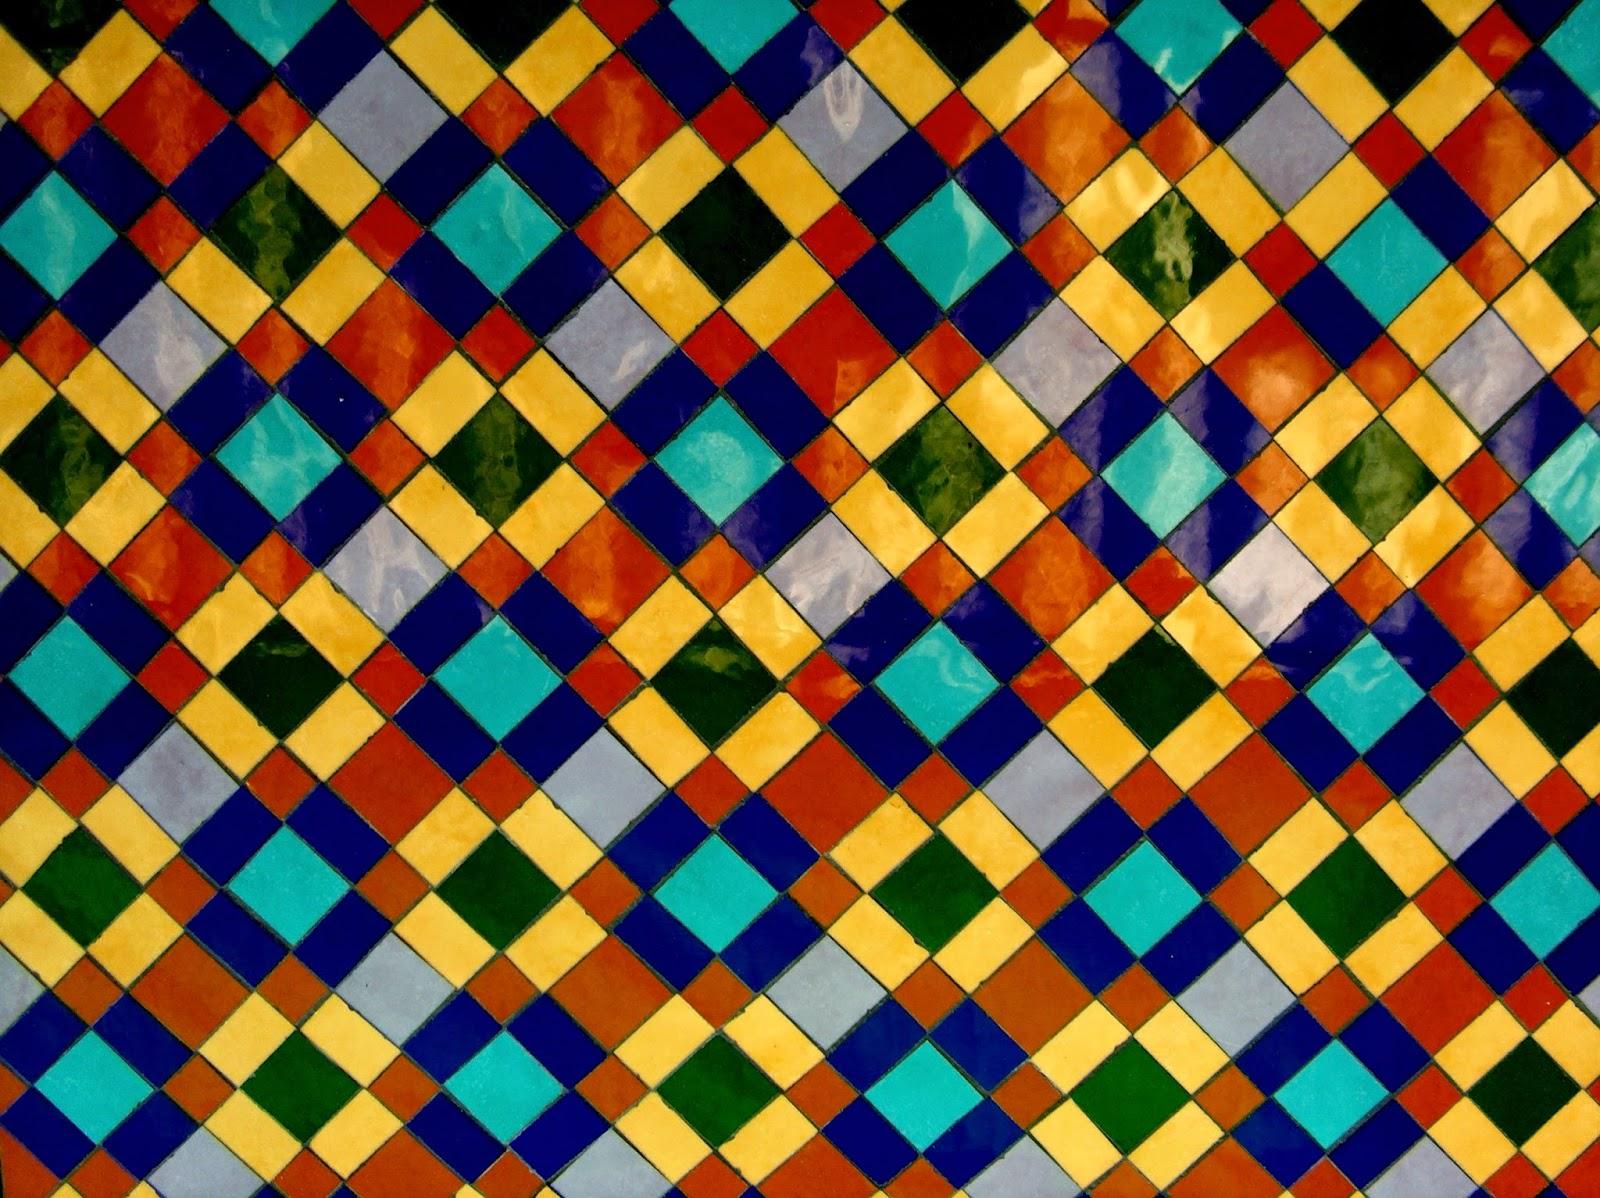 Ricardotecela fondos geometricos y fusi n en el mosaico - Mosaico de colores ...